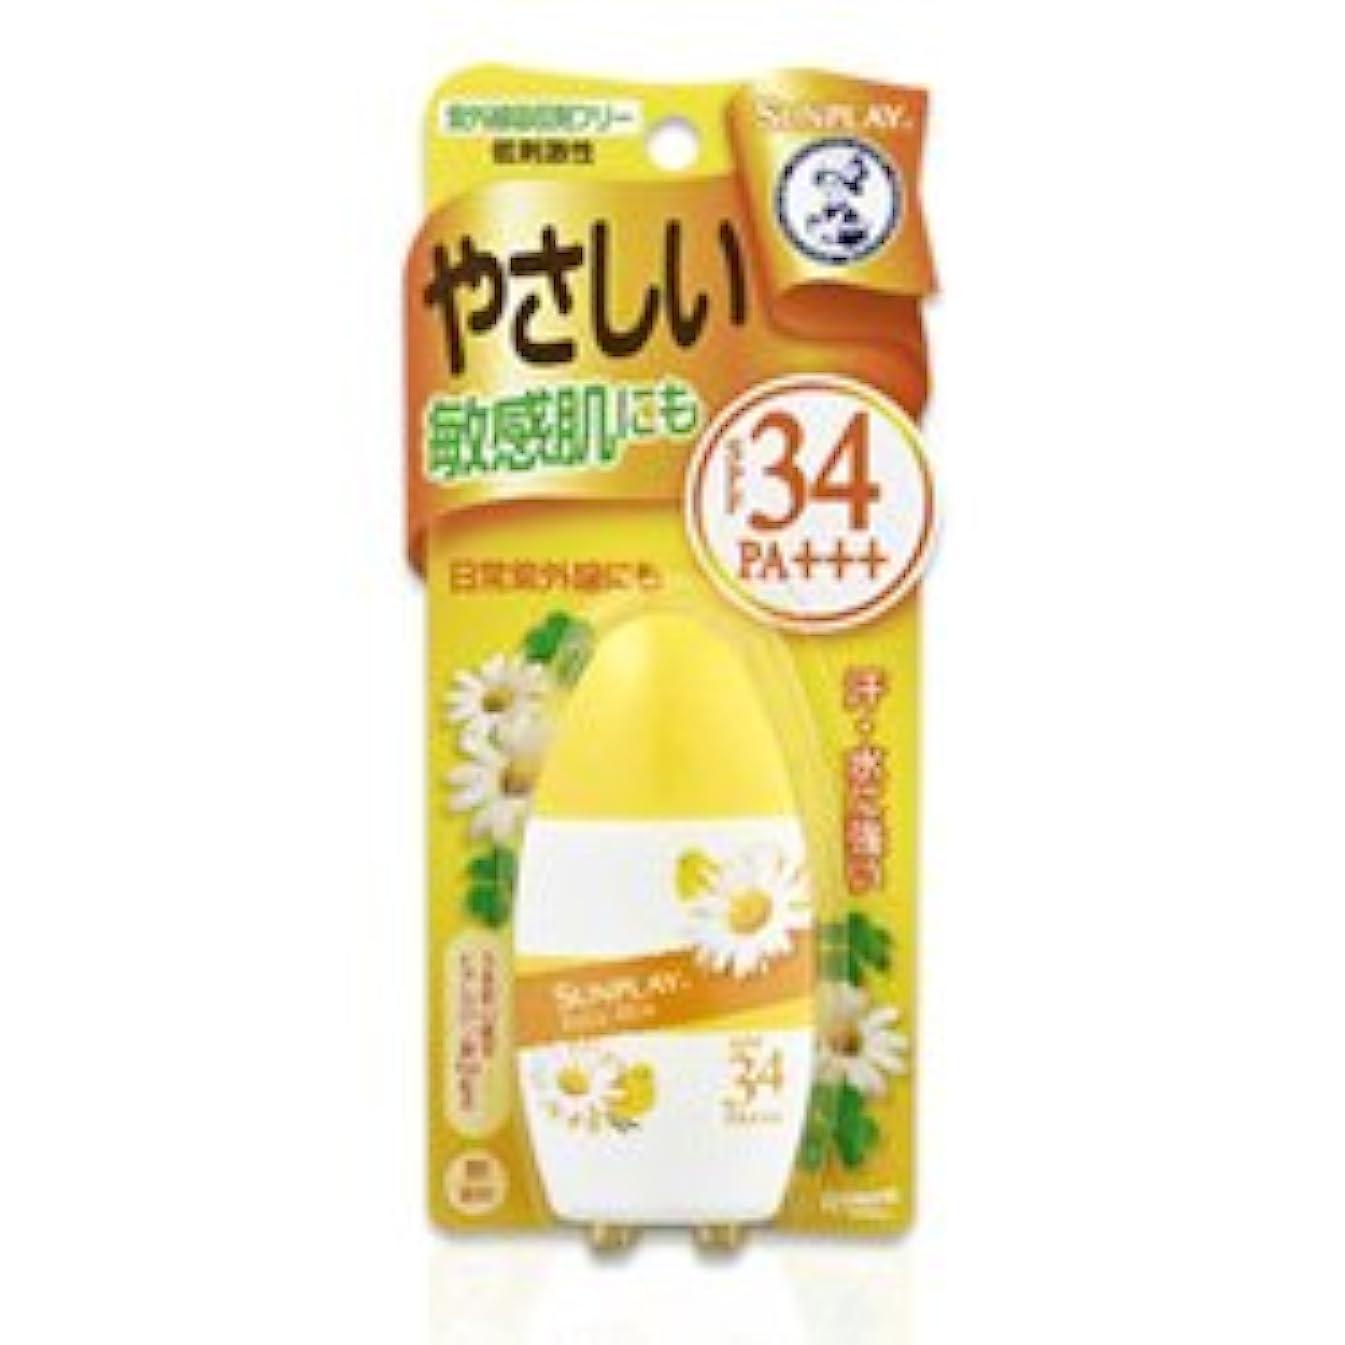 原告赤大量【ロート製薬】メンソレータム サンプレイ ベビーミルク 30g ×3個セット